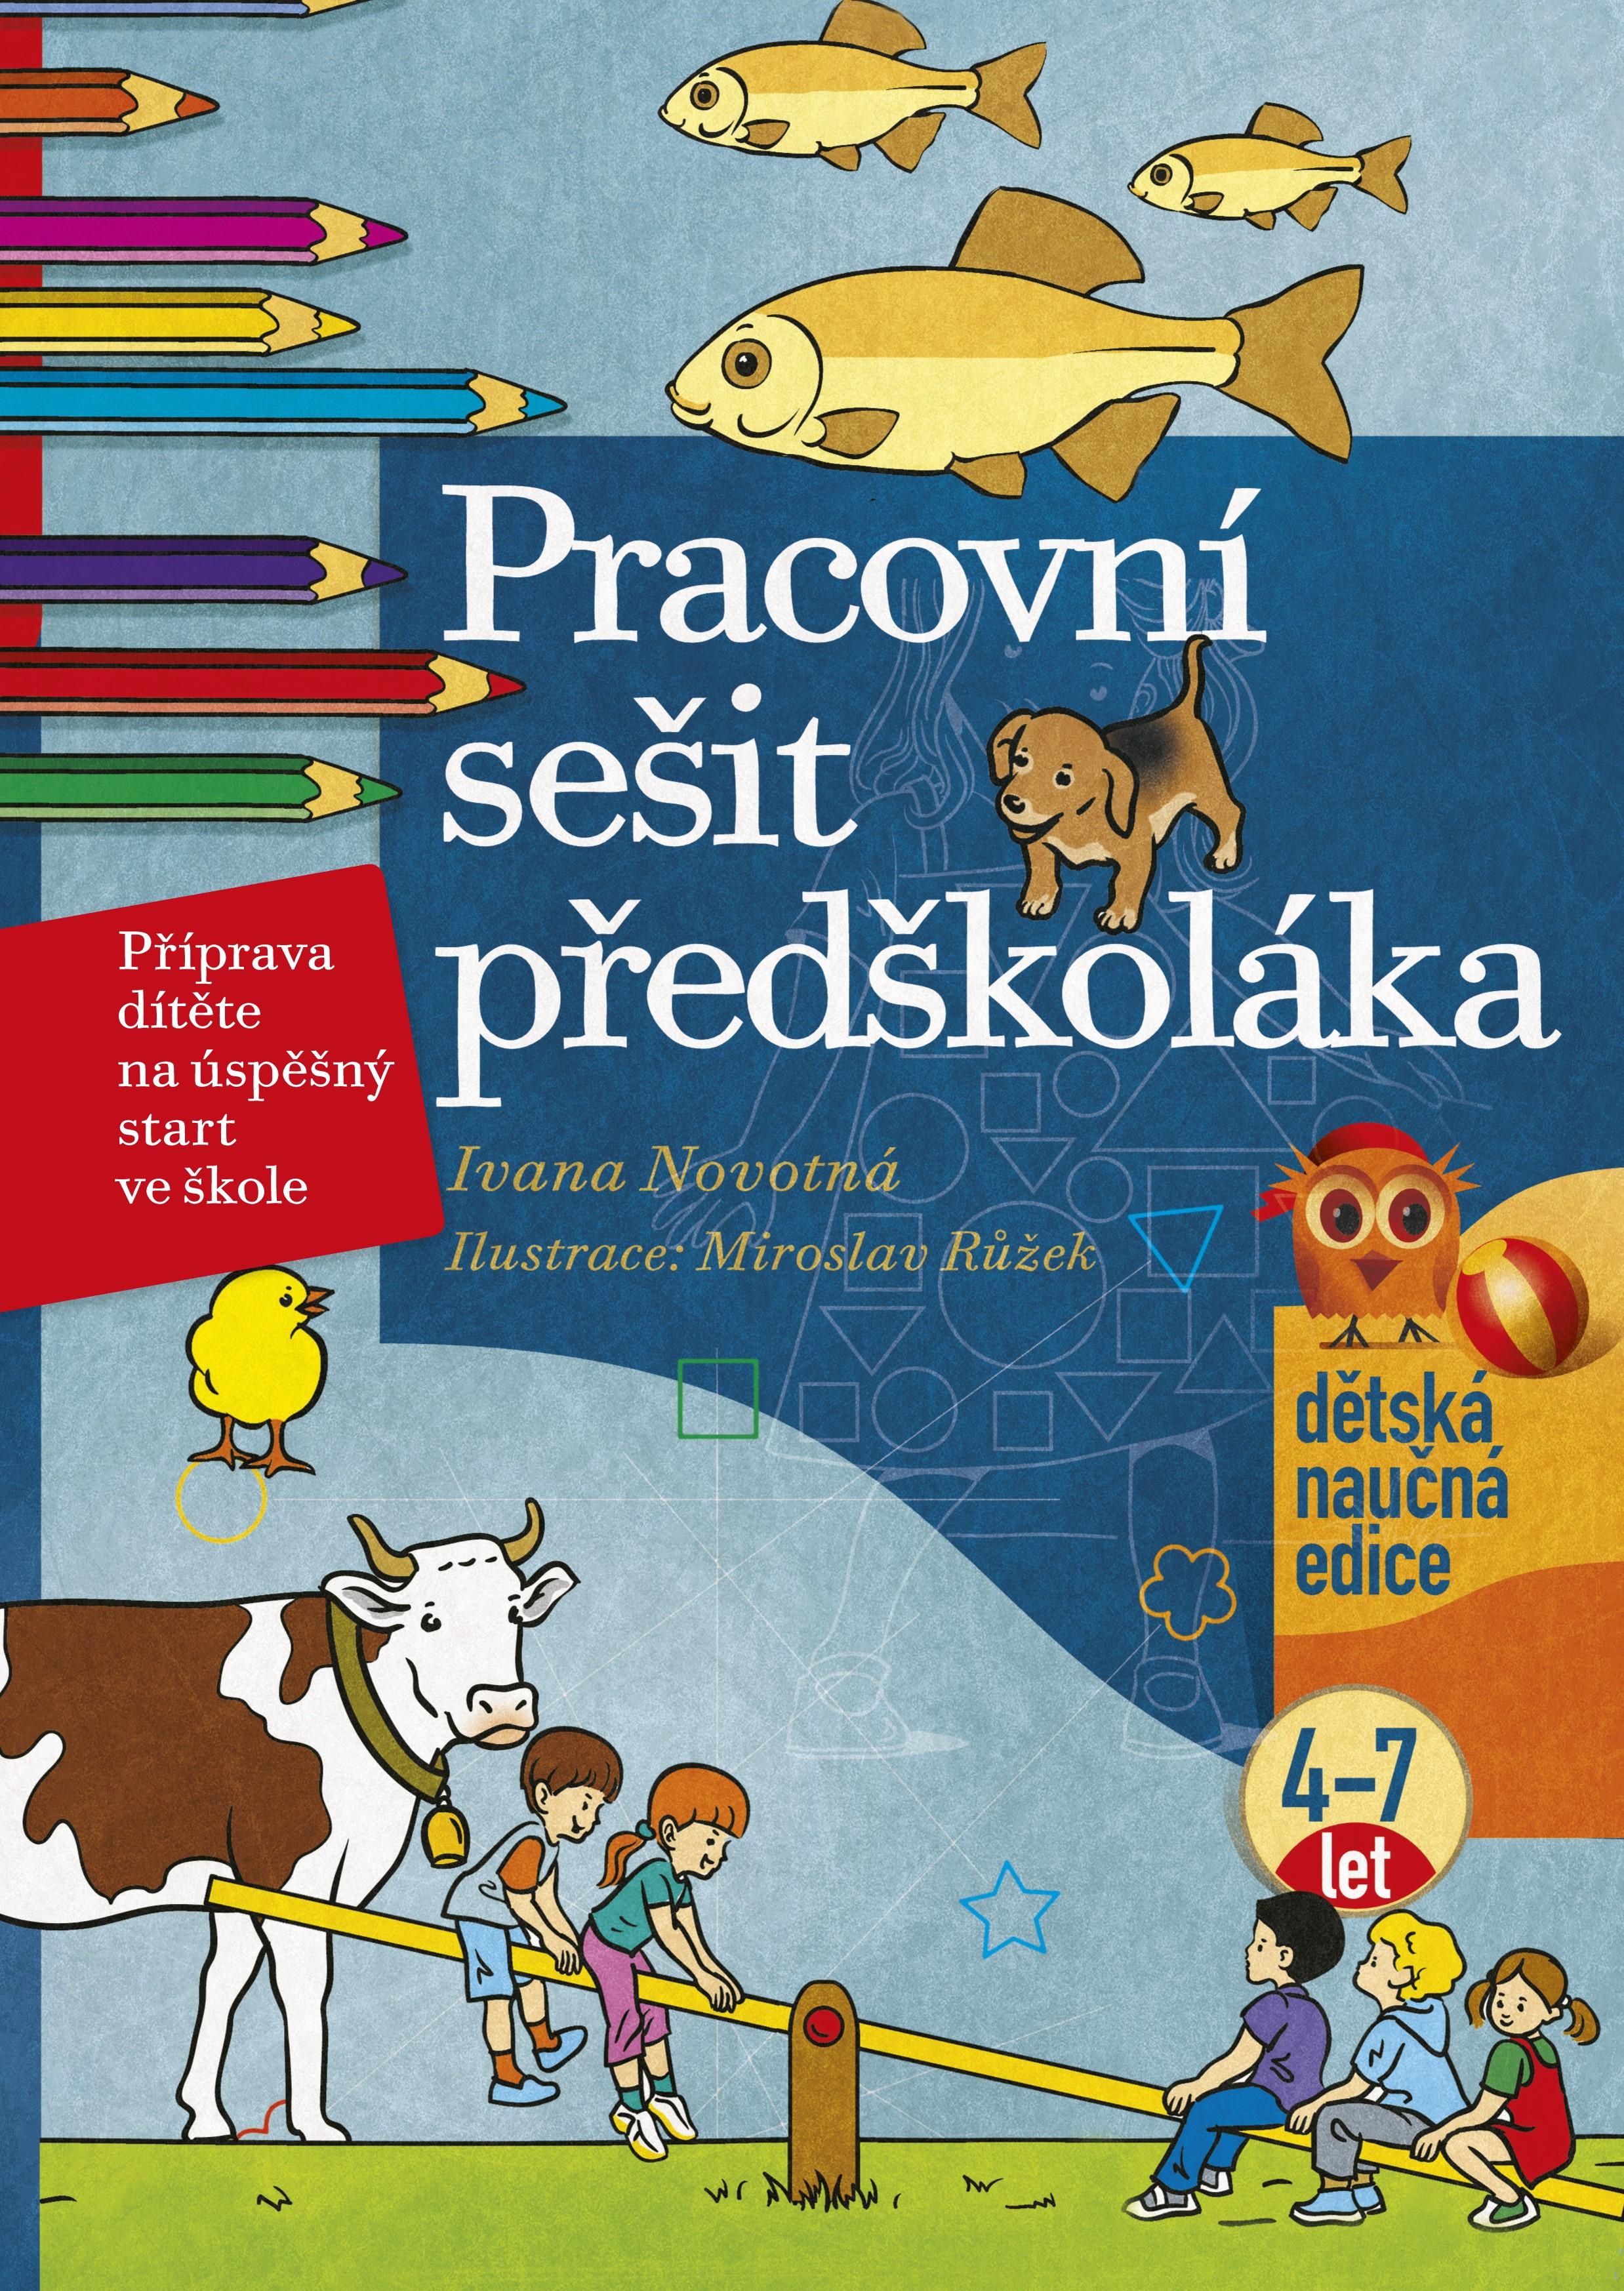 Pracovní sešit předškoláka | Ivana Novotná